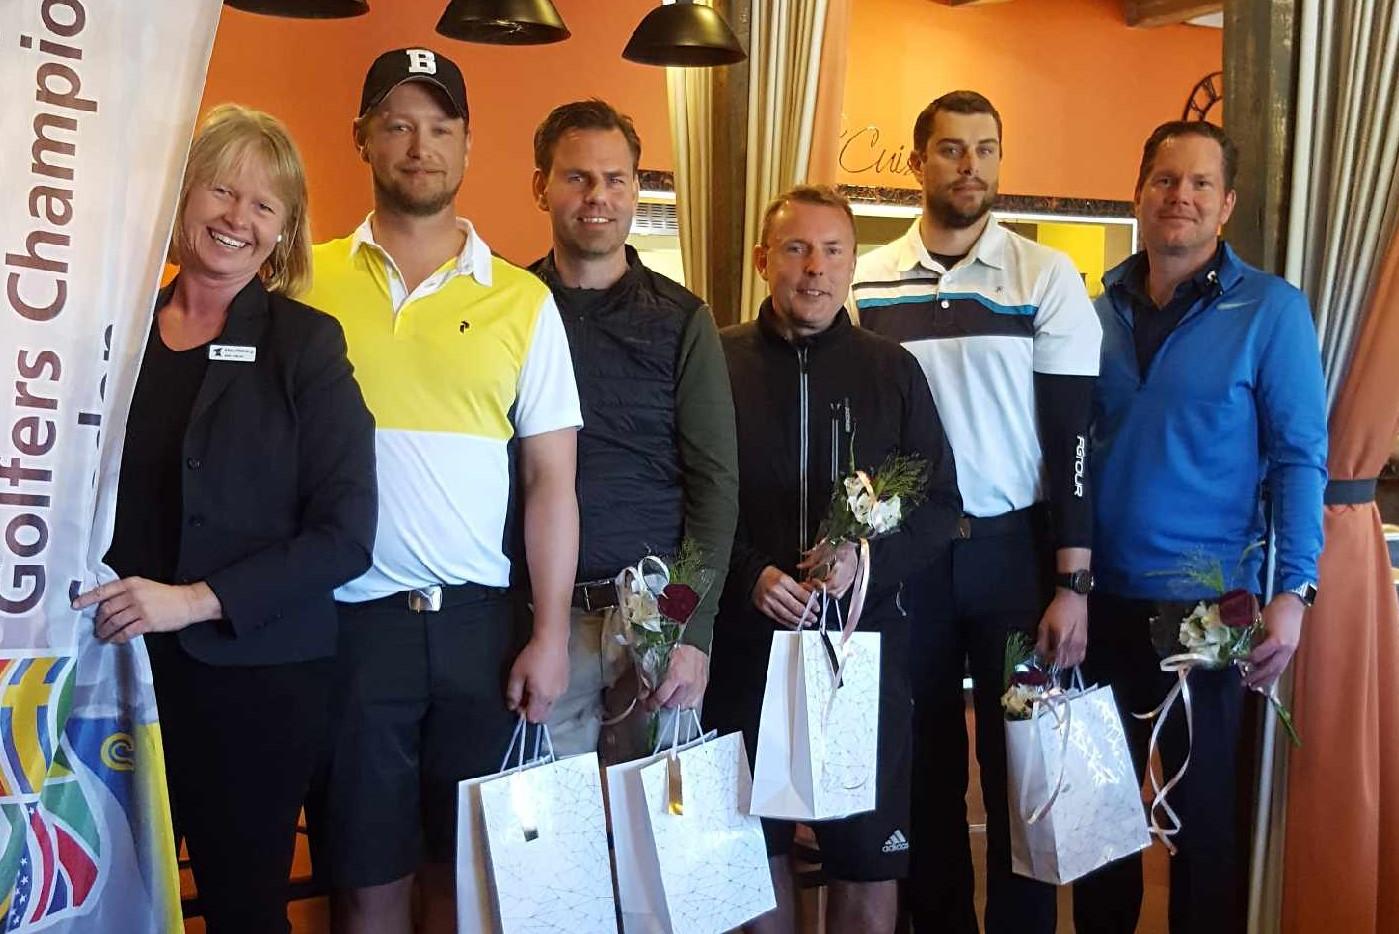 Finnkampen WAGC 2019